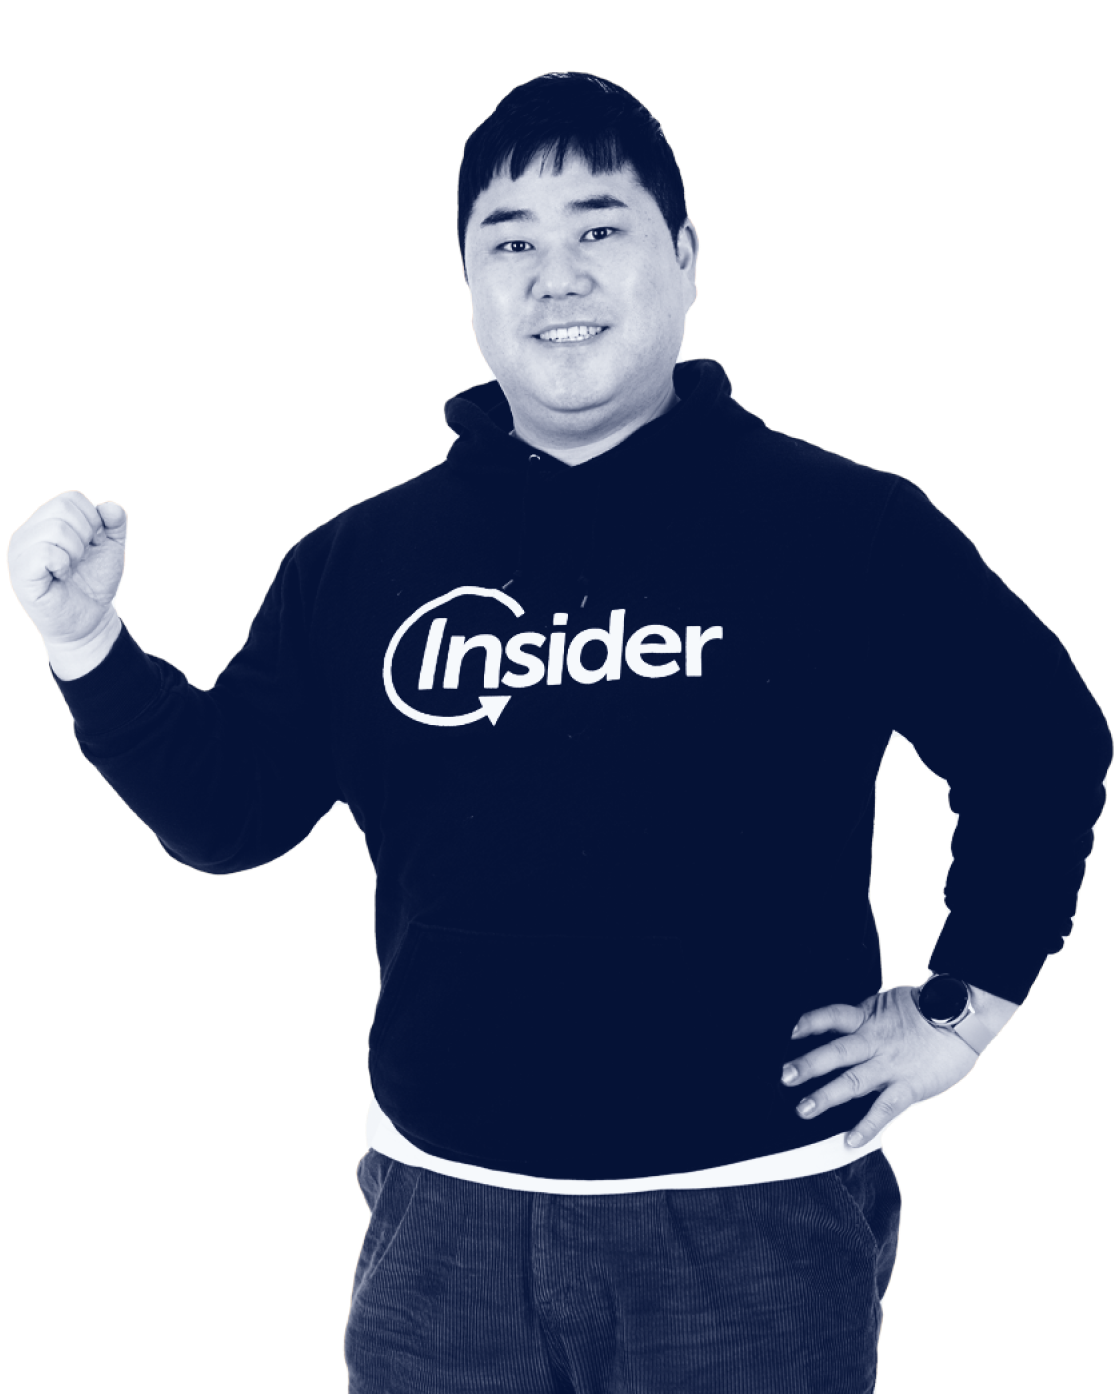 Insider Career Story